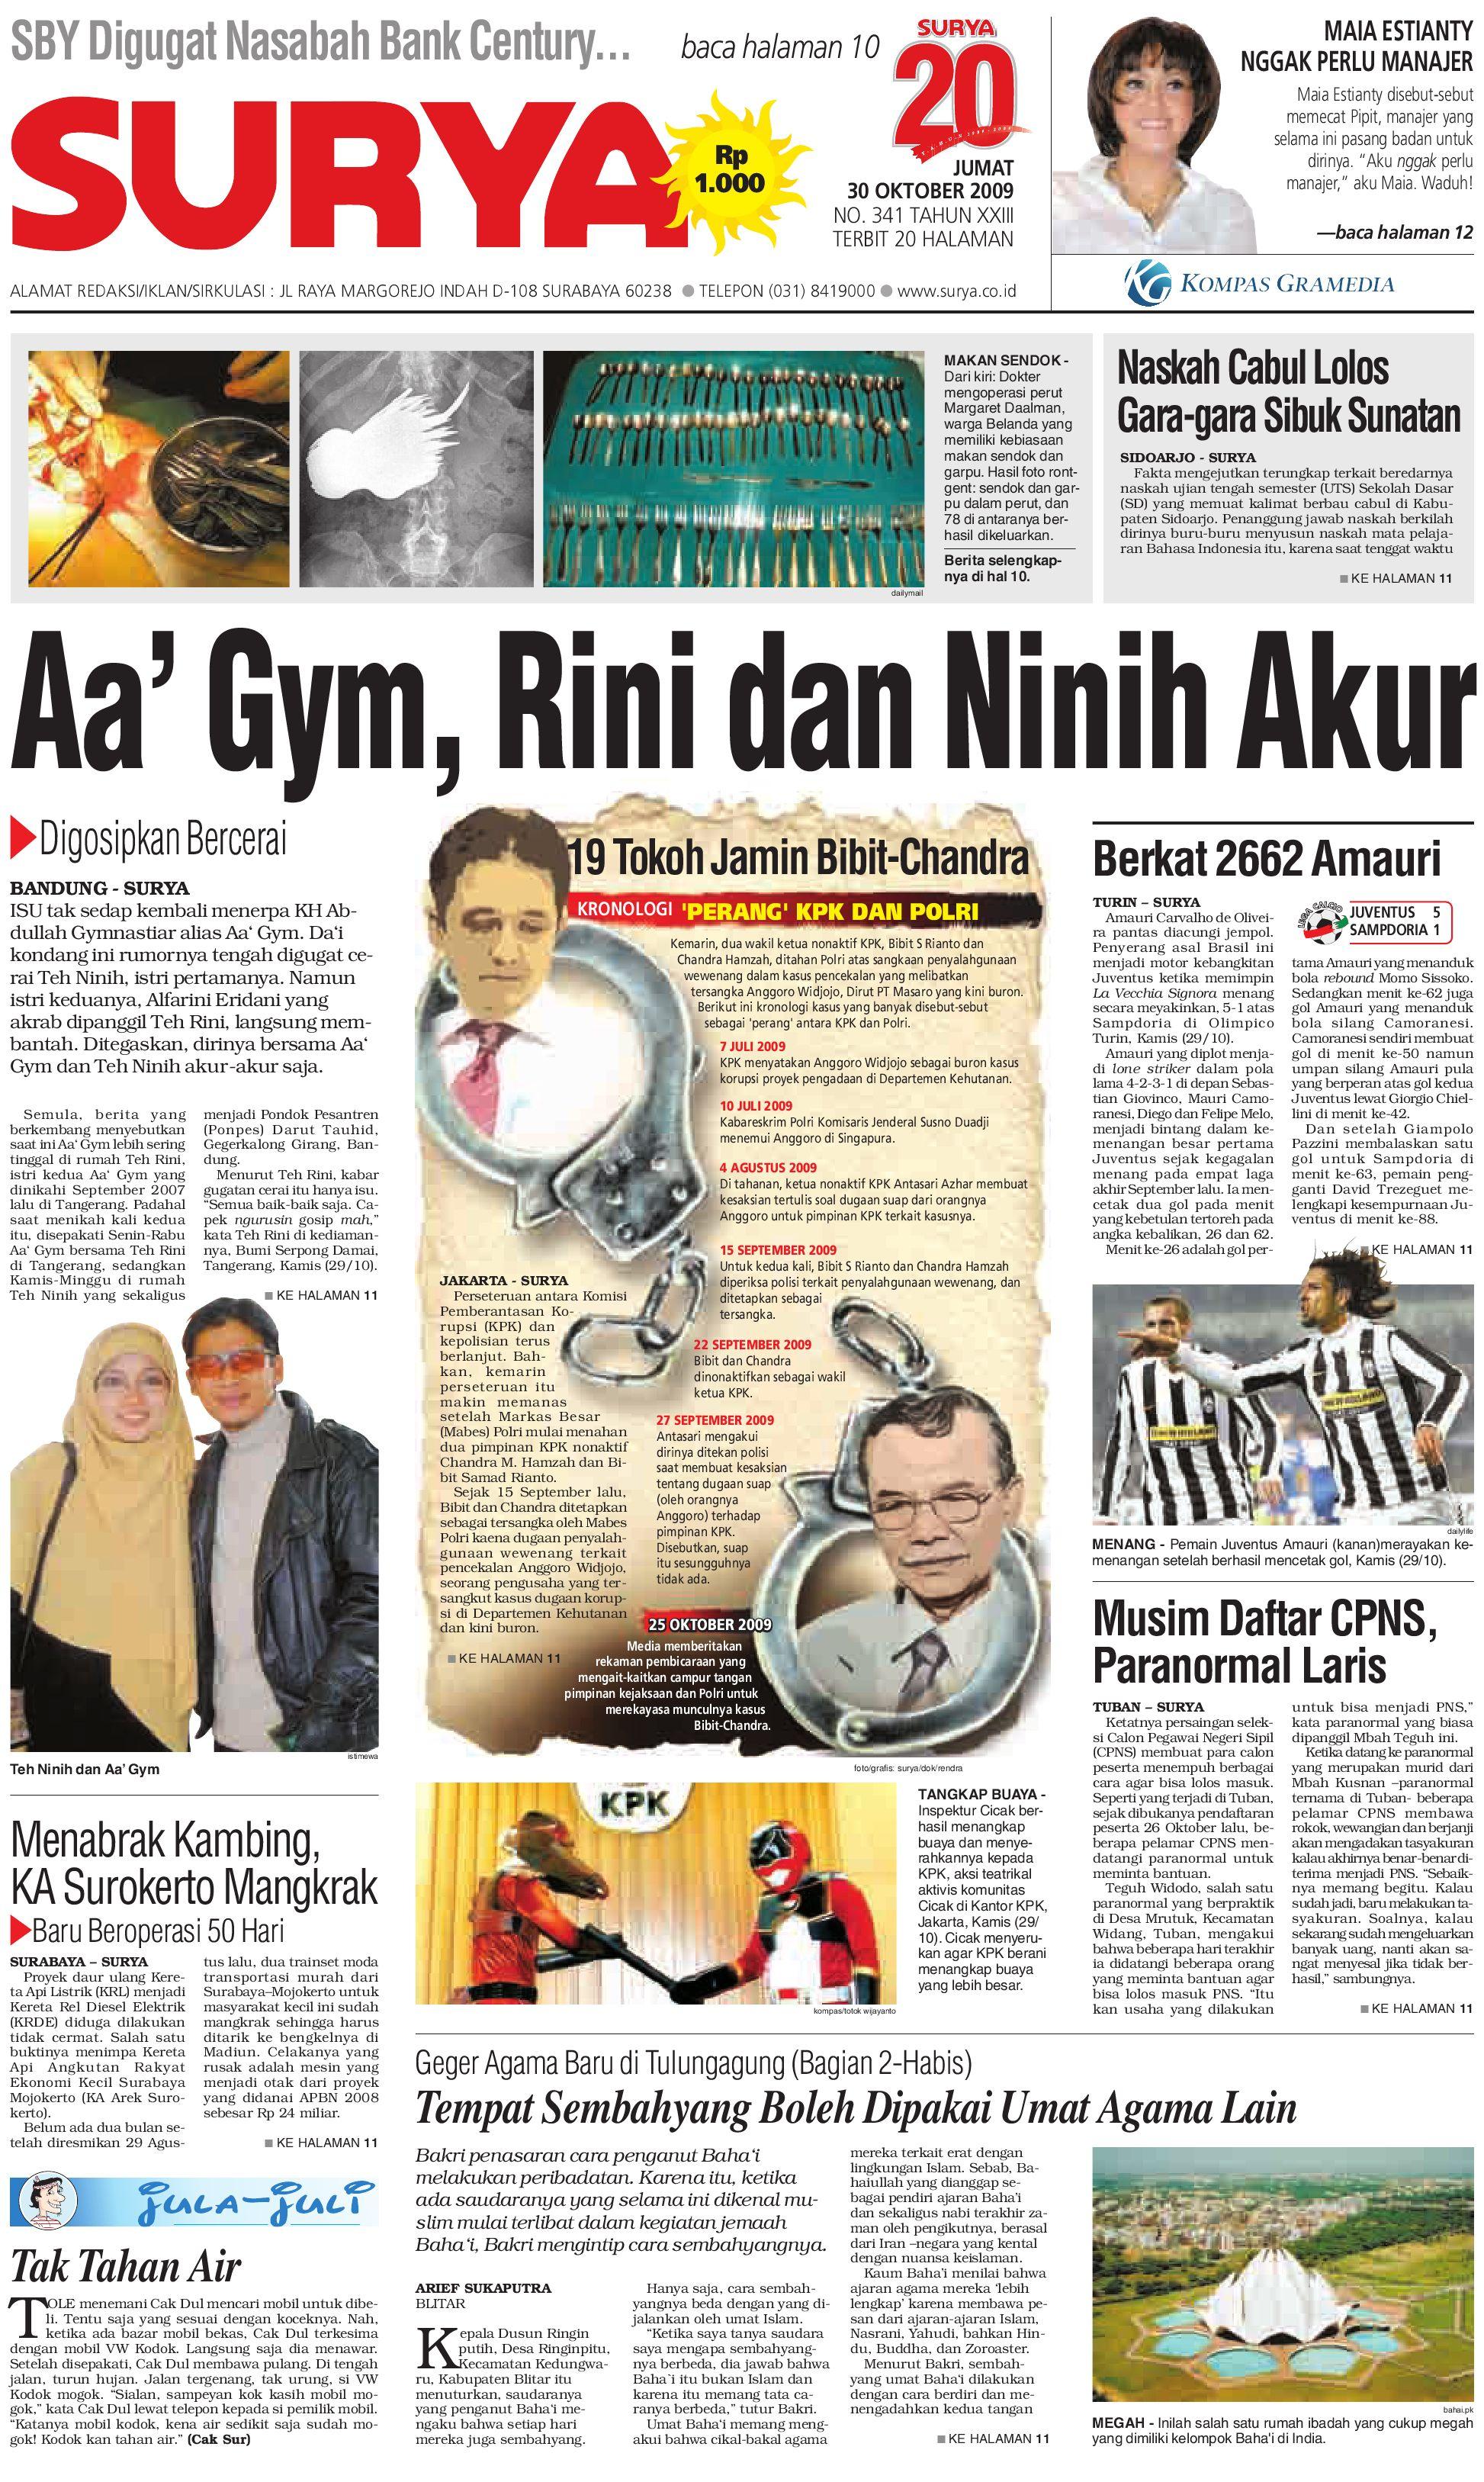 Surya Edisi Cetak 30 Okt 2009 By Harian Issuu Rejeki Anak Soleh 3 Agip 4t Super 1l